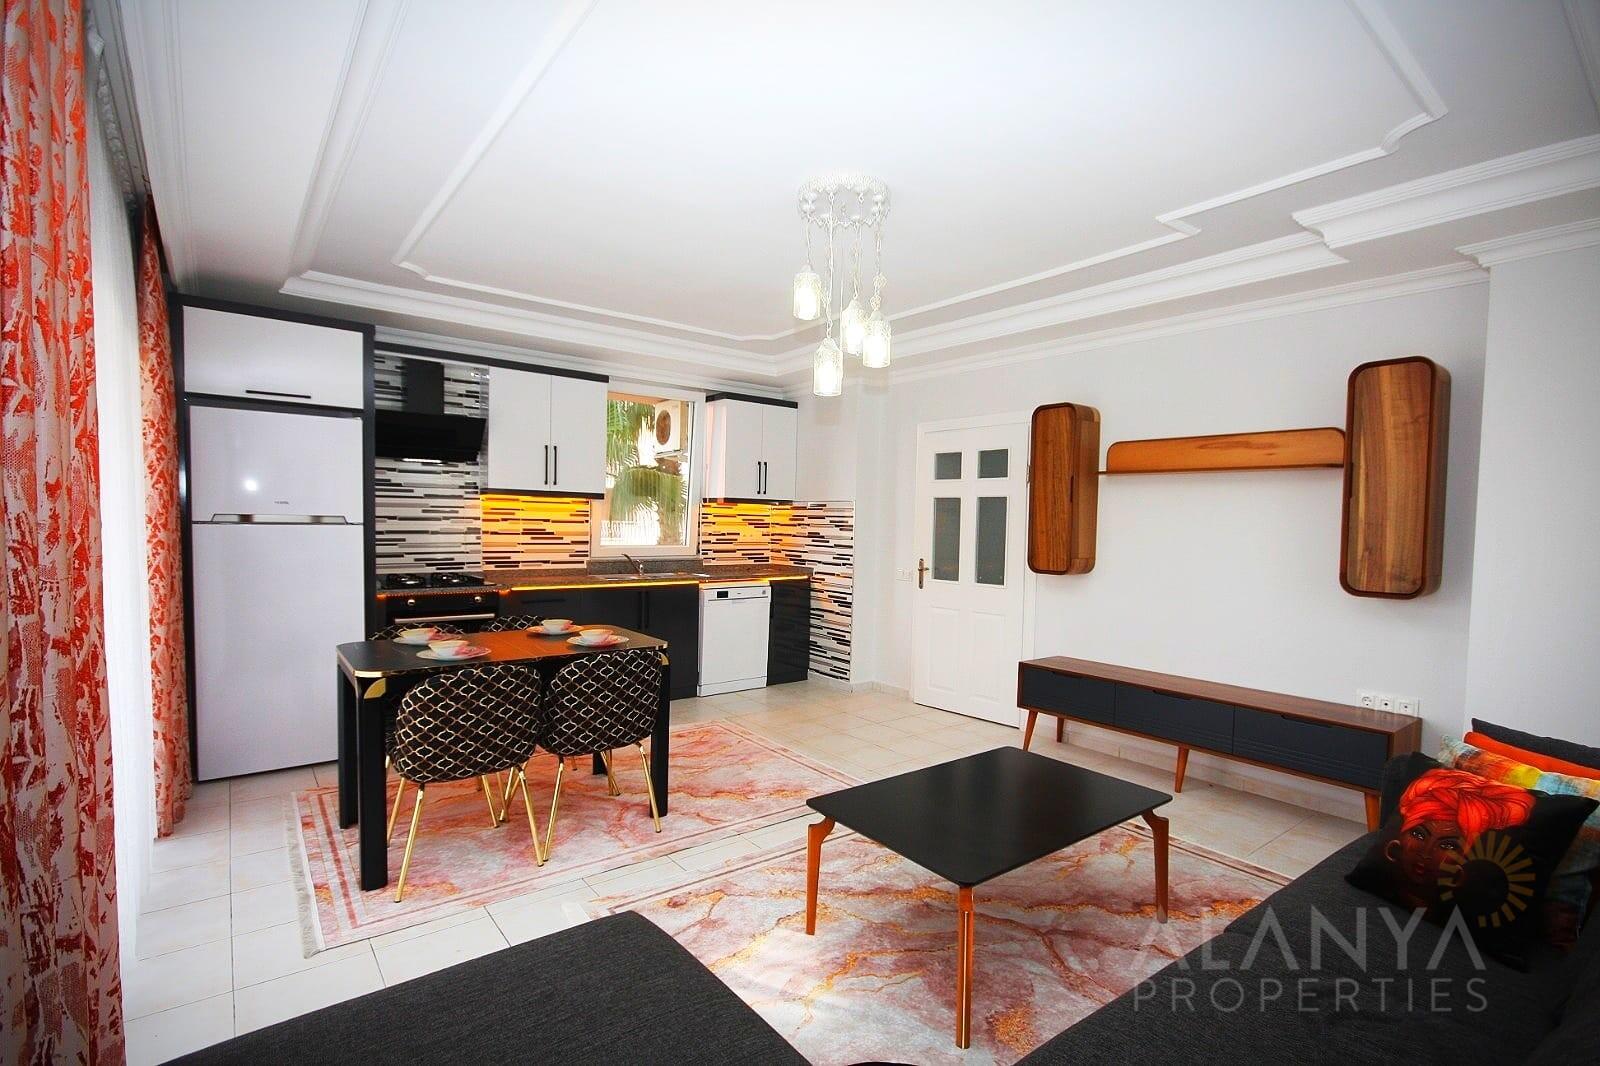 Appartement Meublé 2 Chambres à Tosmur